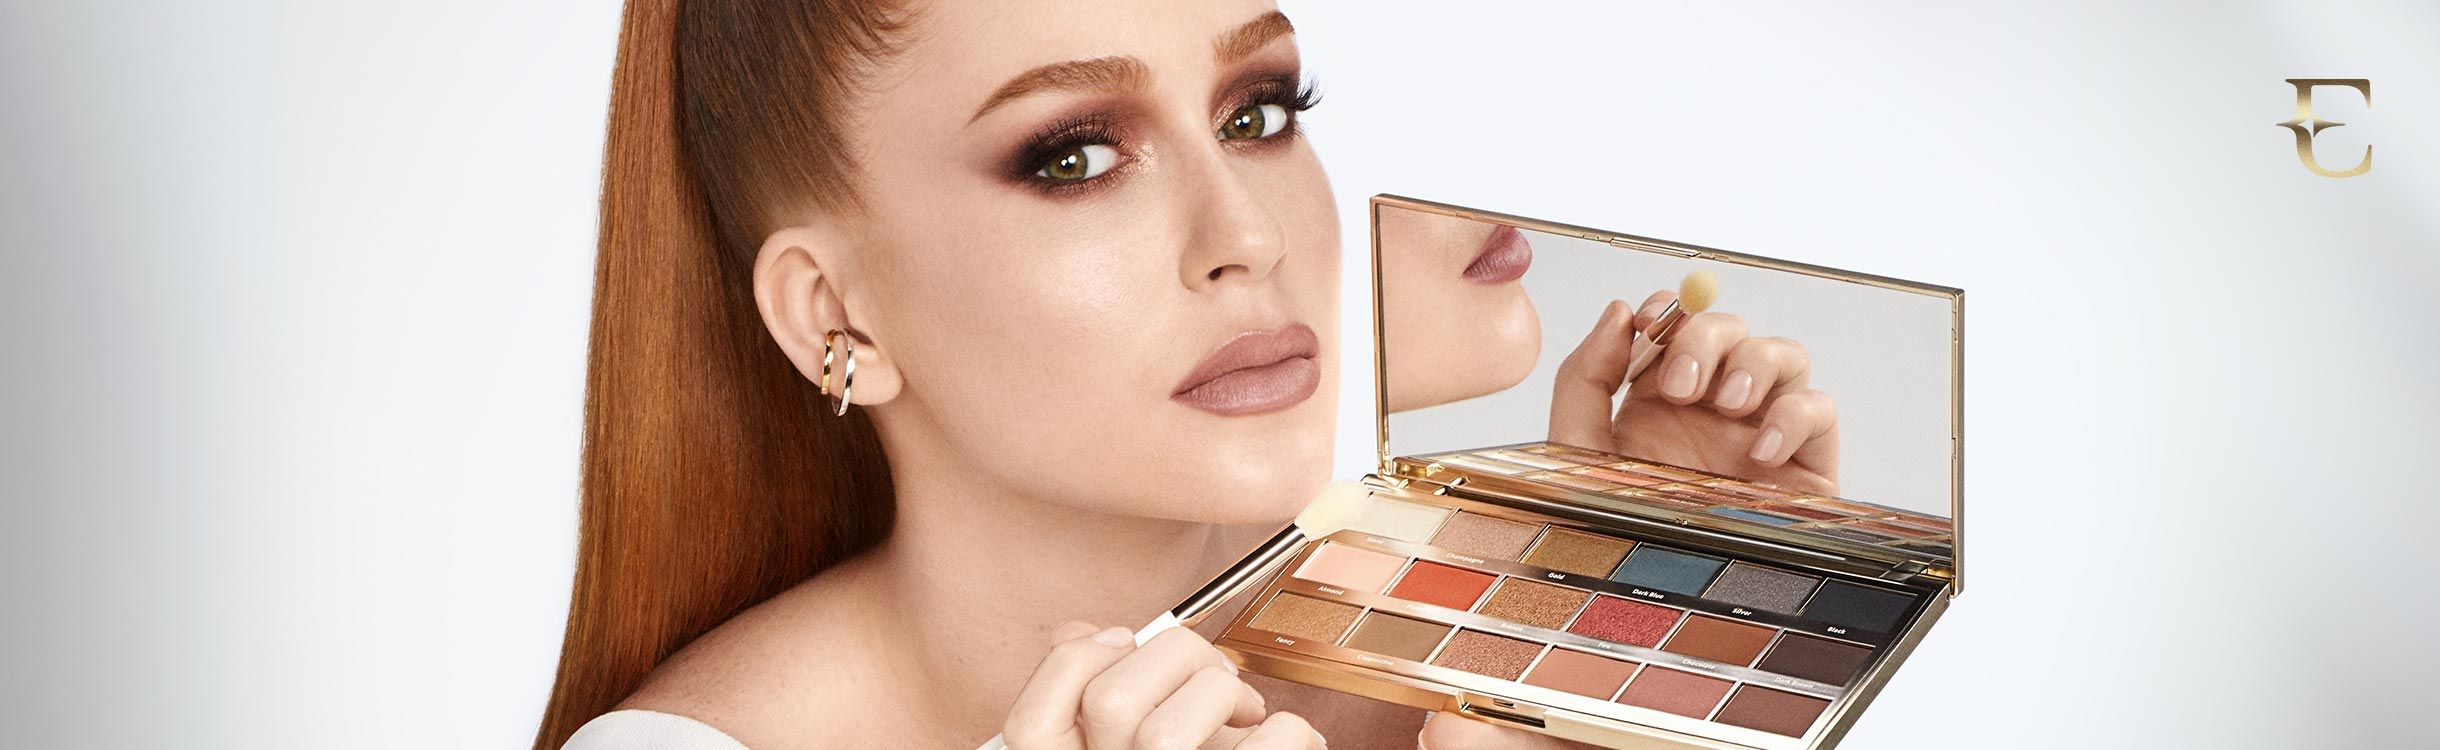 Glam: Paleta de Maquiagem